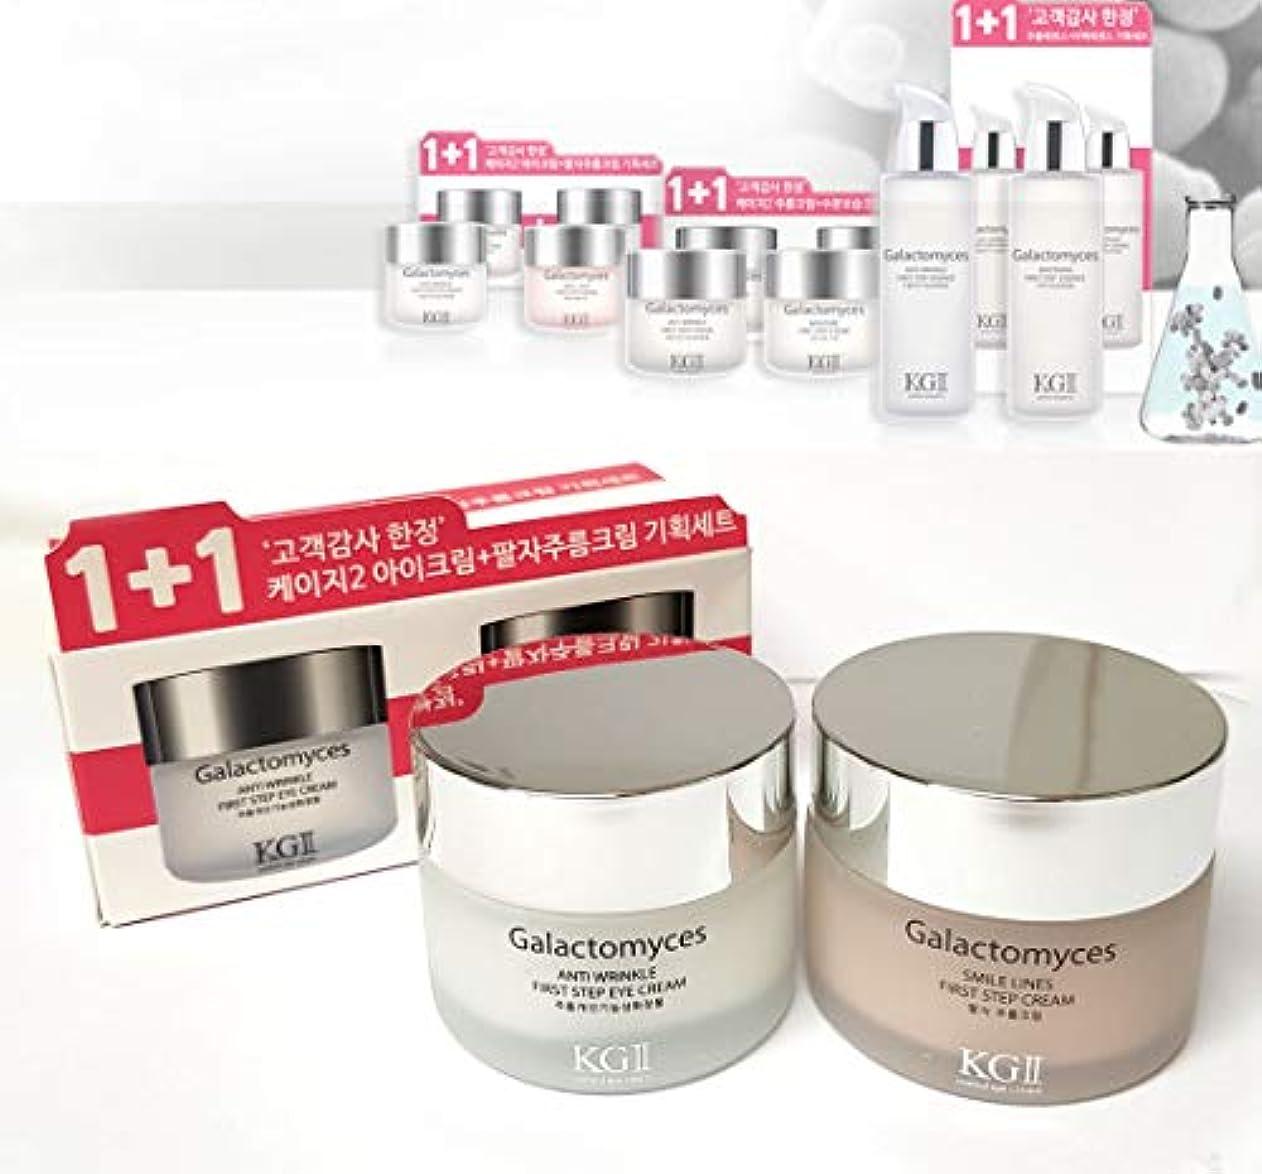 広々としたケーキ扱いやすい[KG2] ガラクトミセスファーストステップアイクリーム30ml +スマイルラインズクリーム30mlセット / Galactomyces First Step Eye Cream 30ml + Smile Lines Cream...